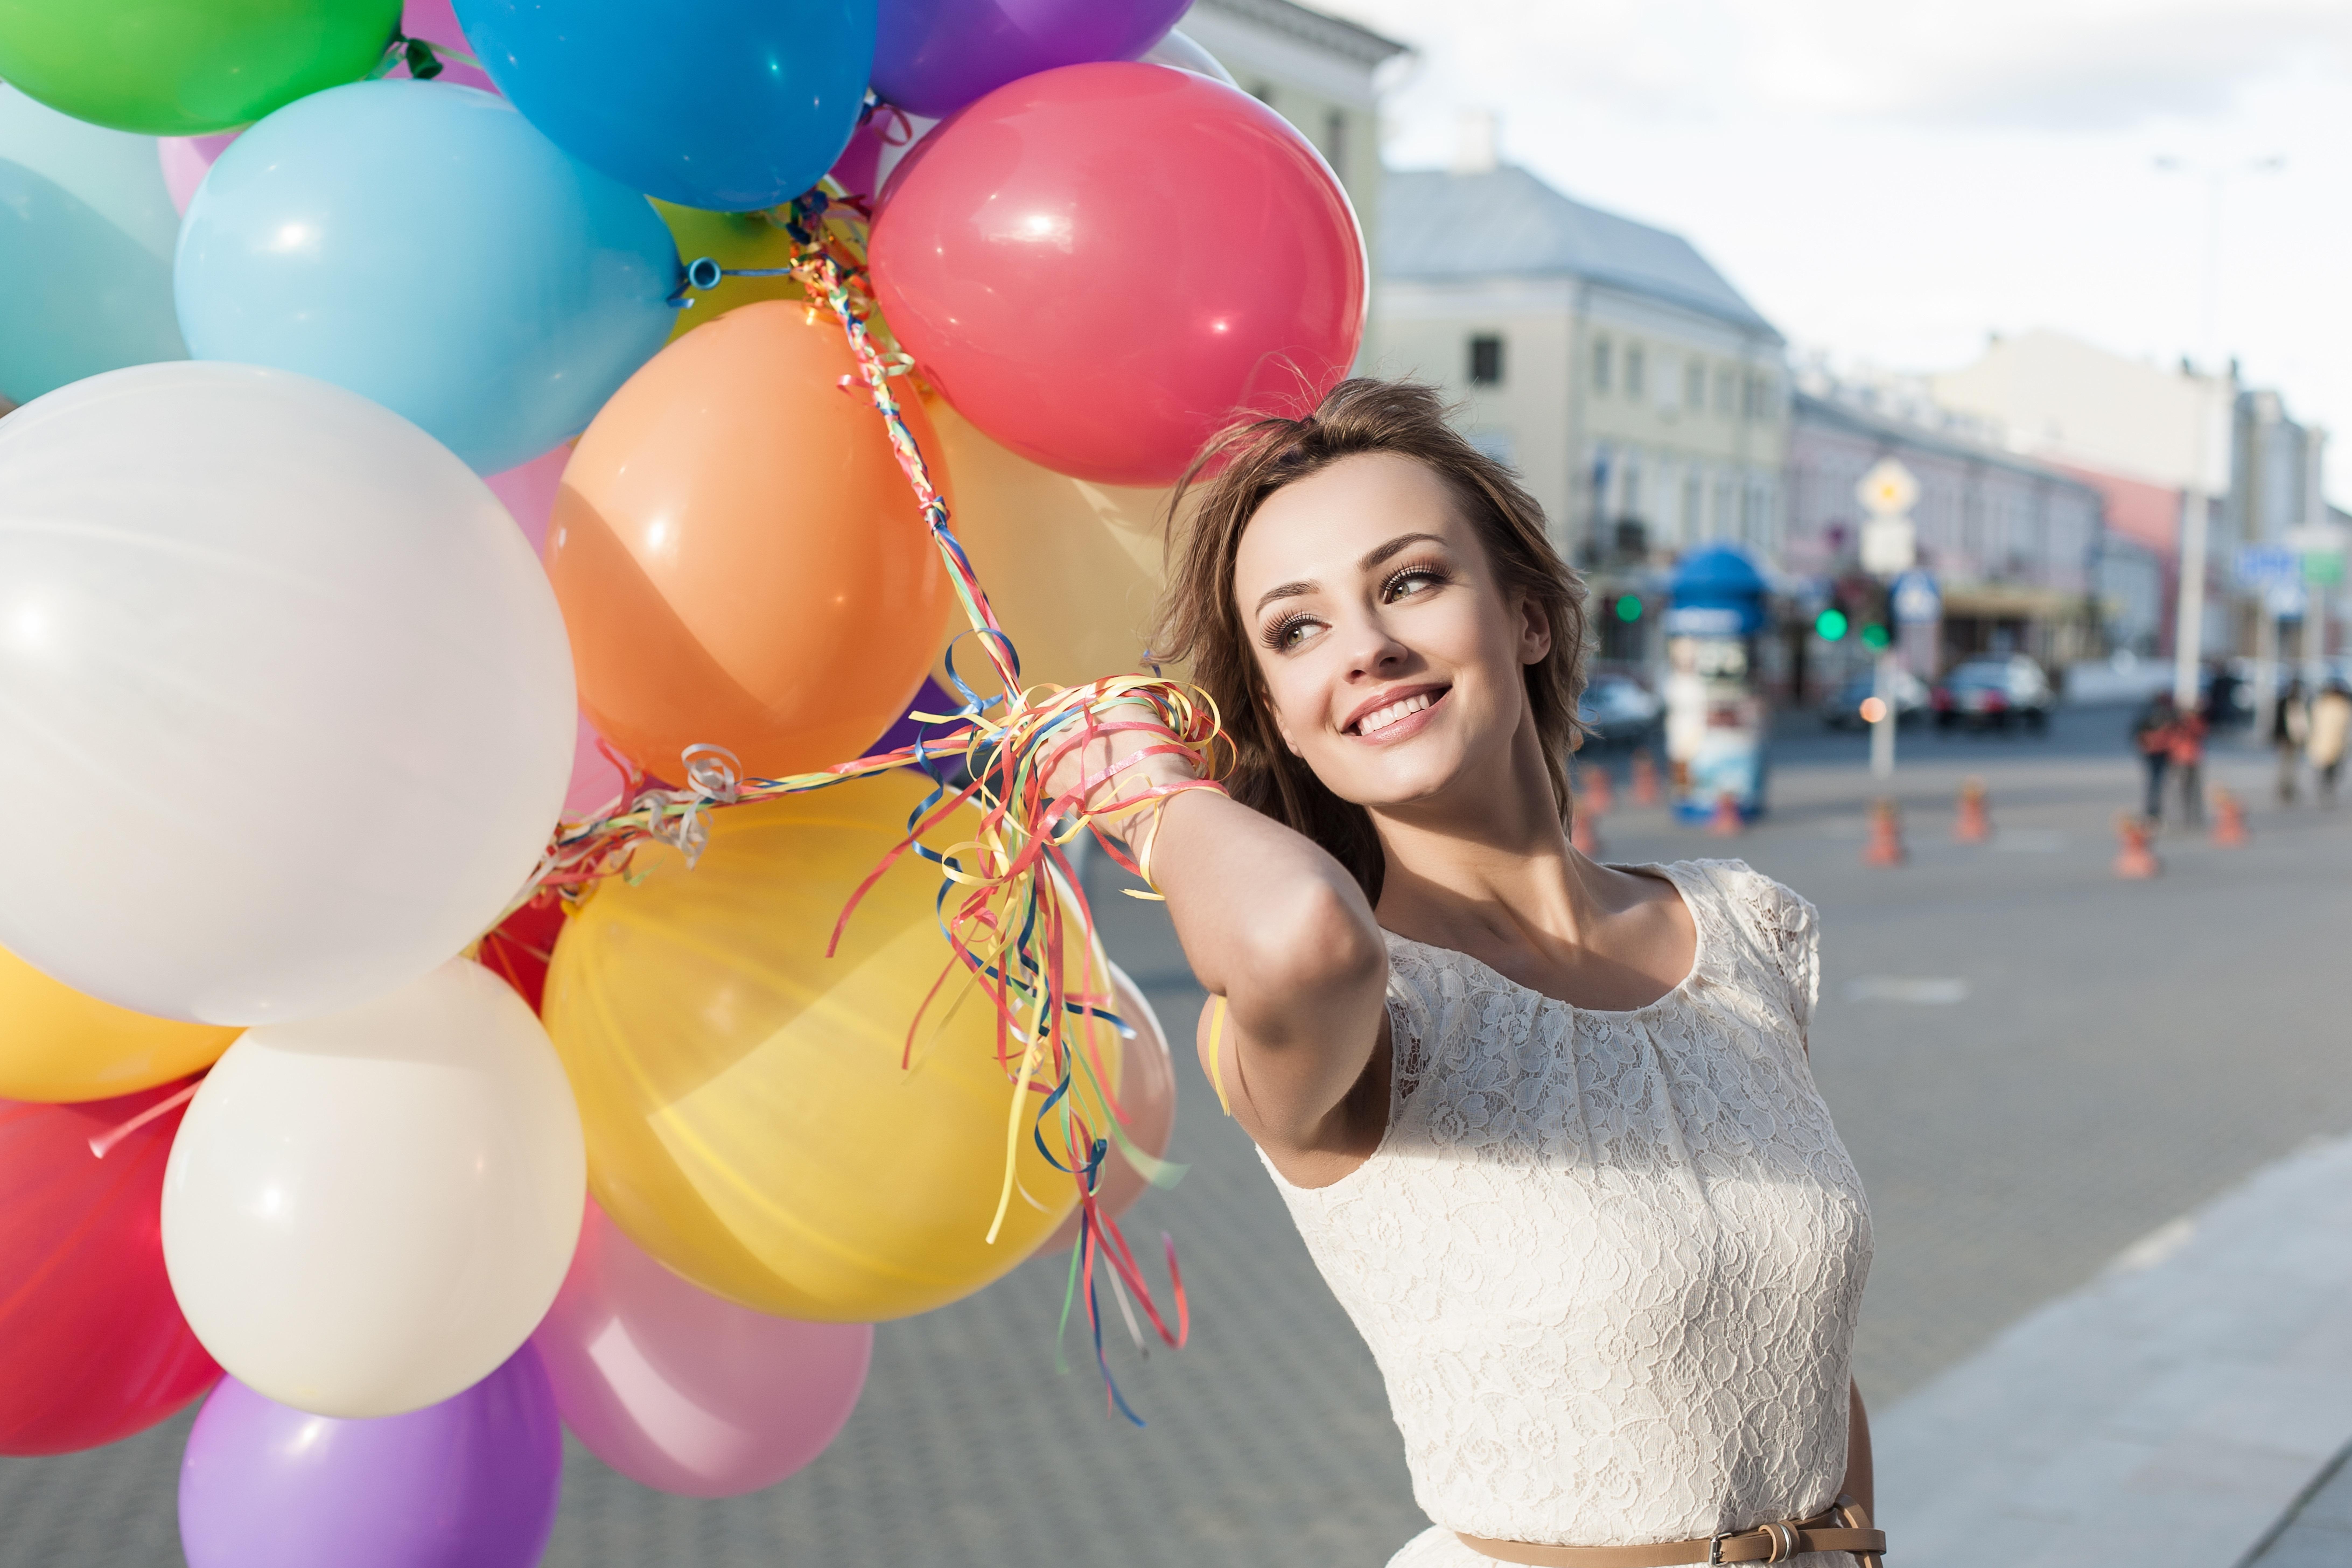 Вторника картинки, девушка с шариками воздушными картинки